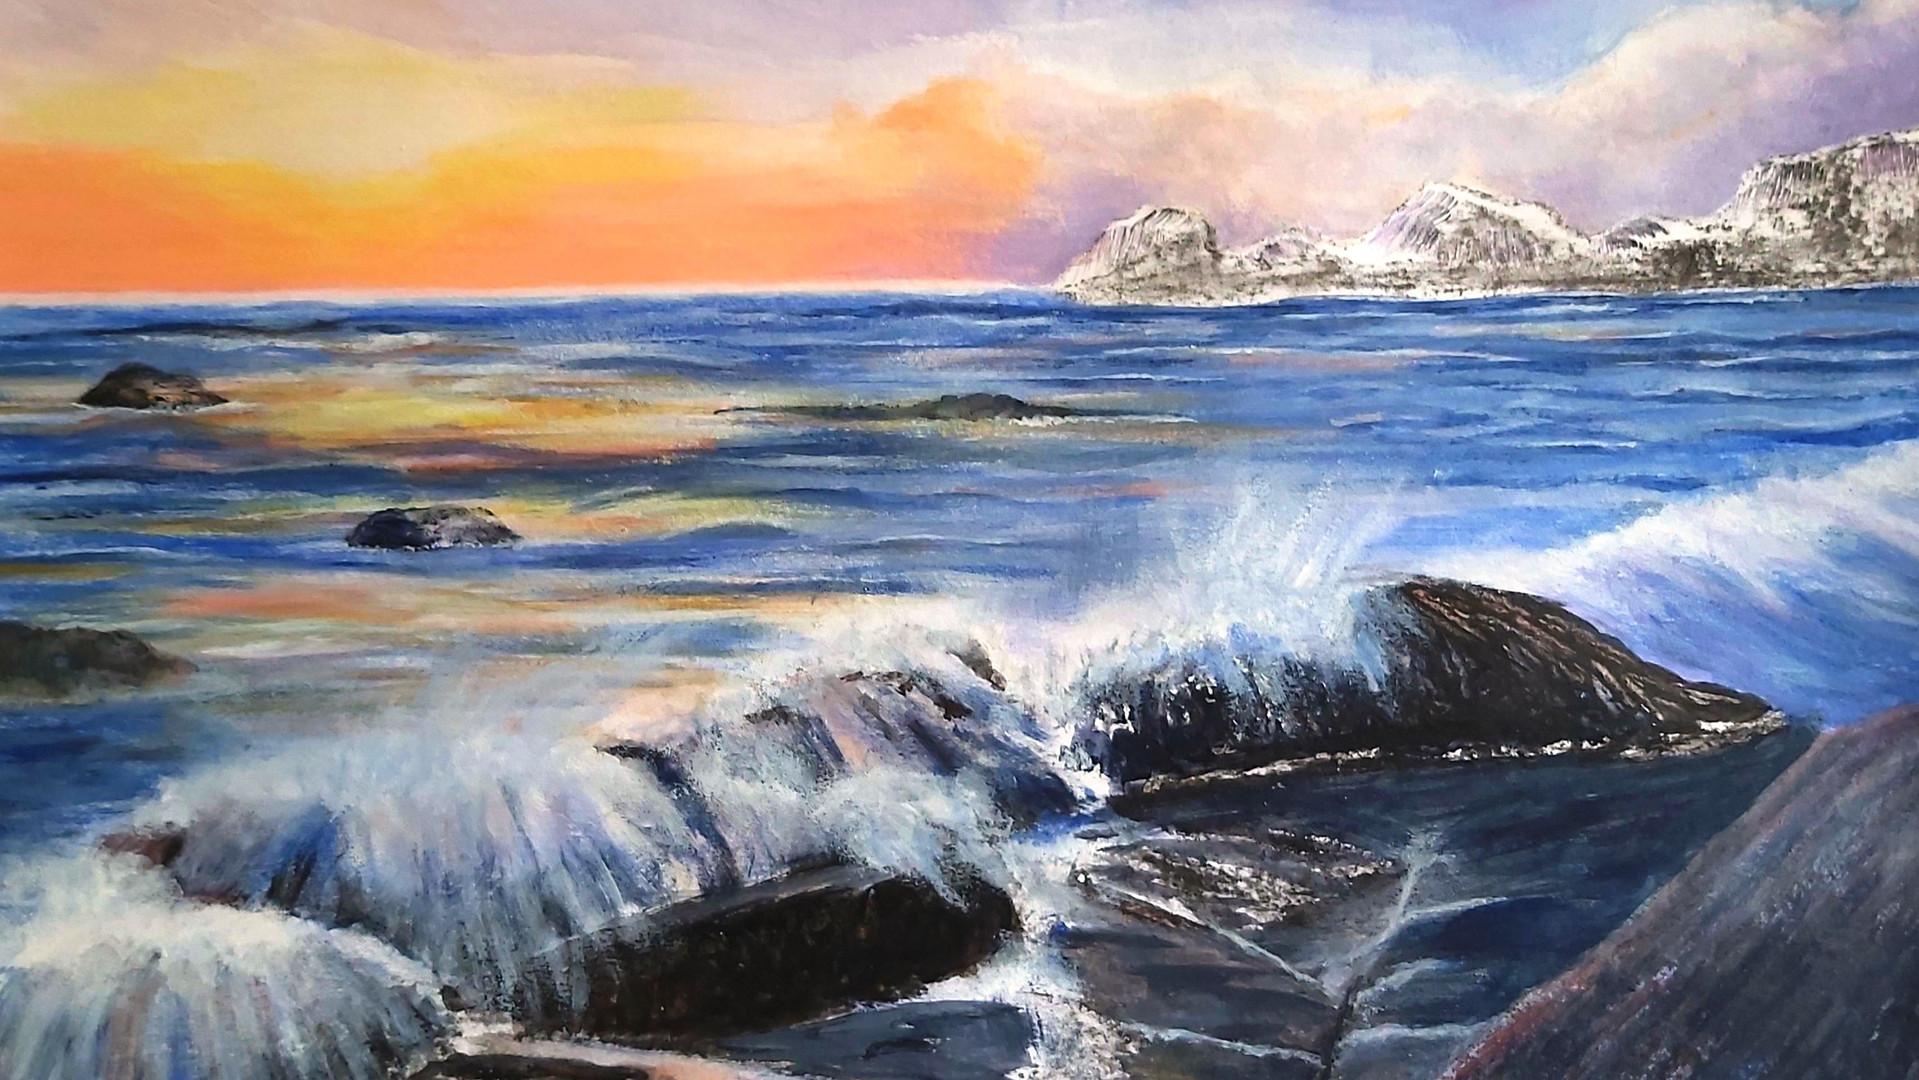 Sunrise Seascape Mixed media